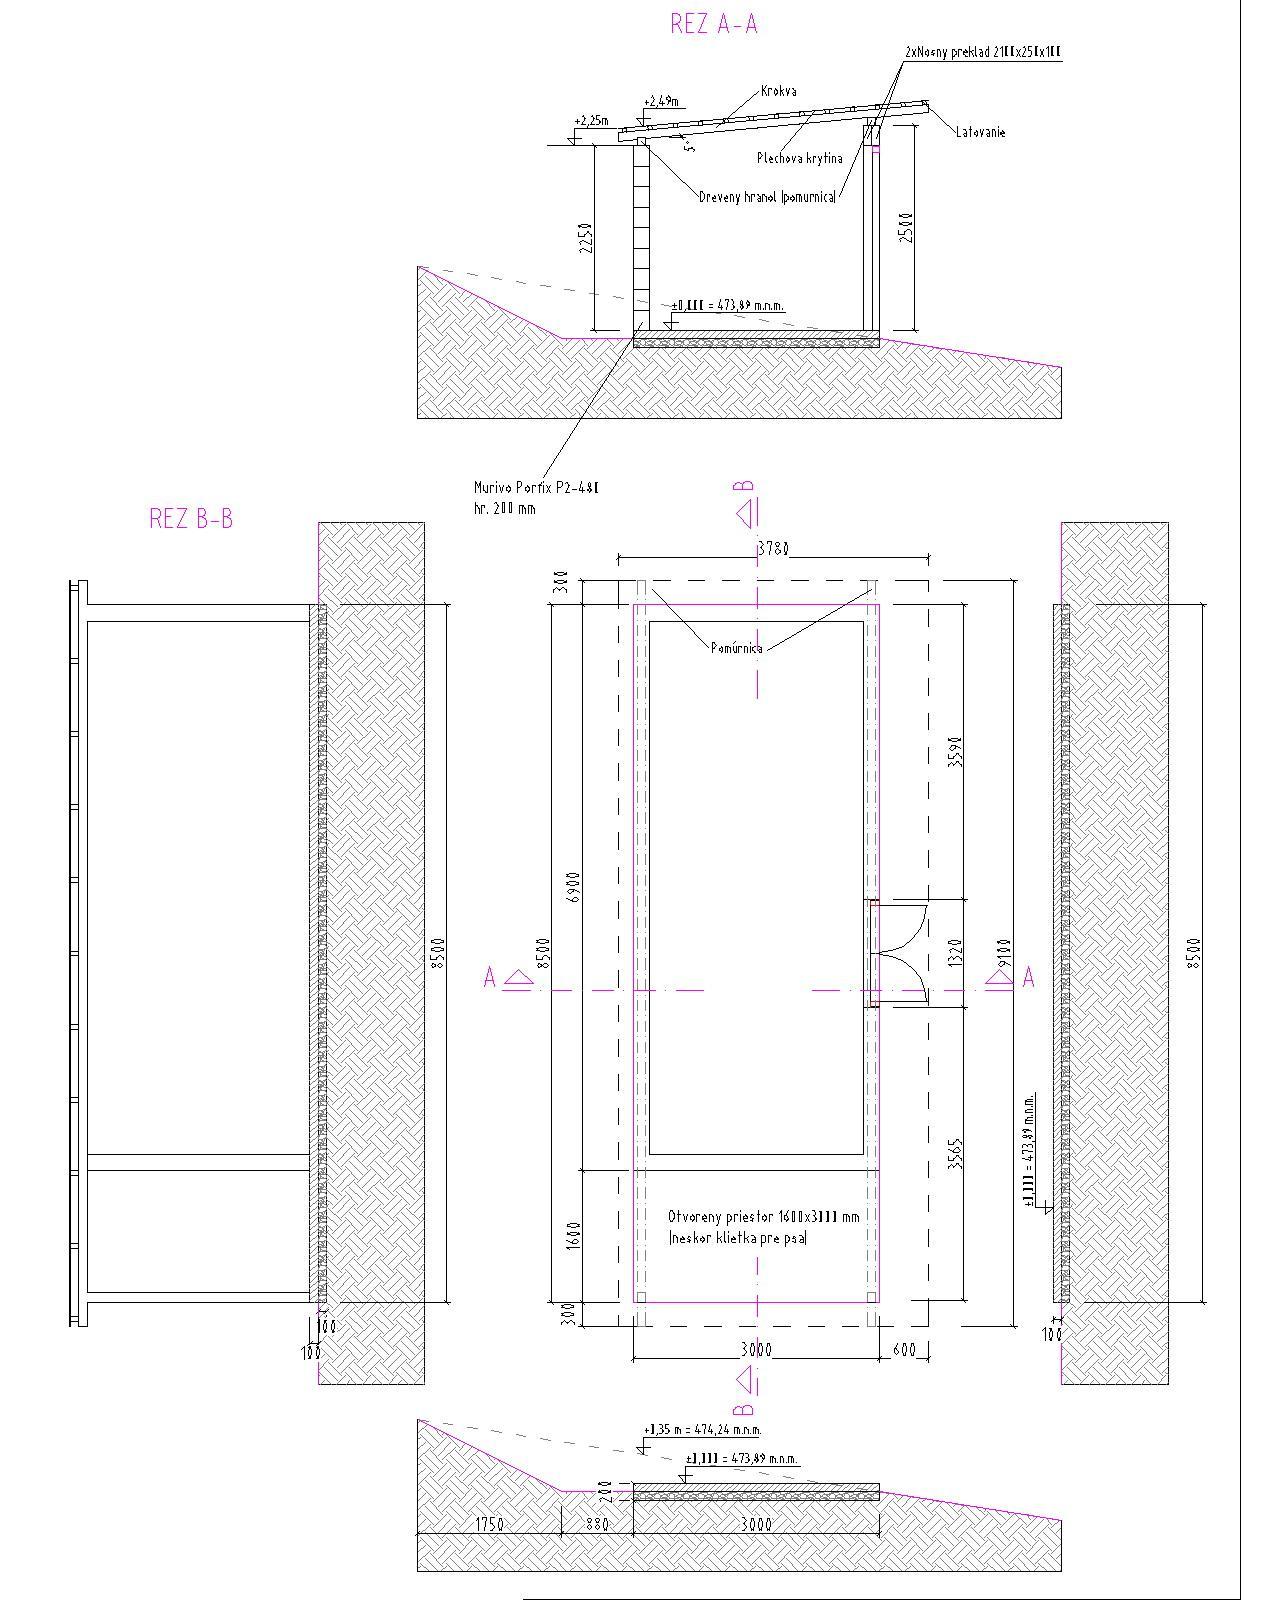 Raciodom - Spolu s výstavbou rodinného domu bude prebiehať aj výstavba záhradného domčeka na náradie